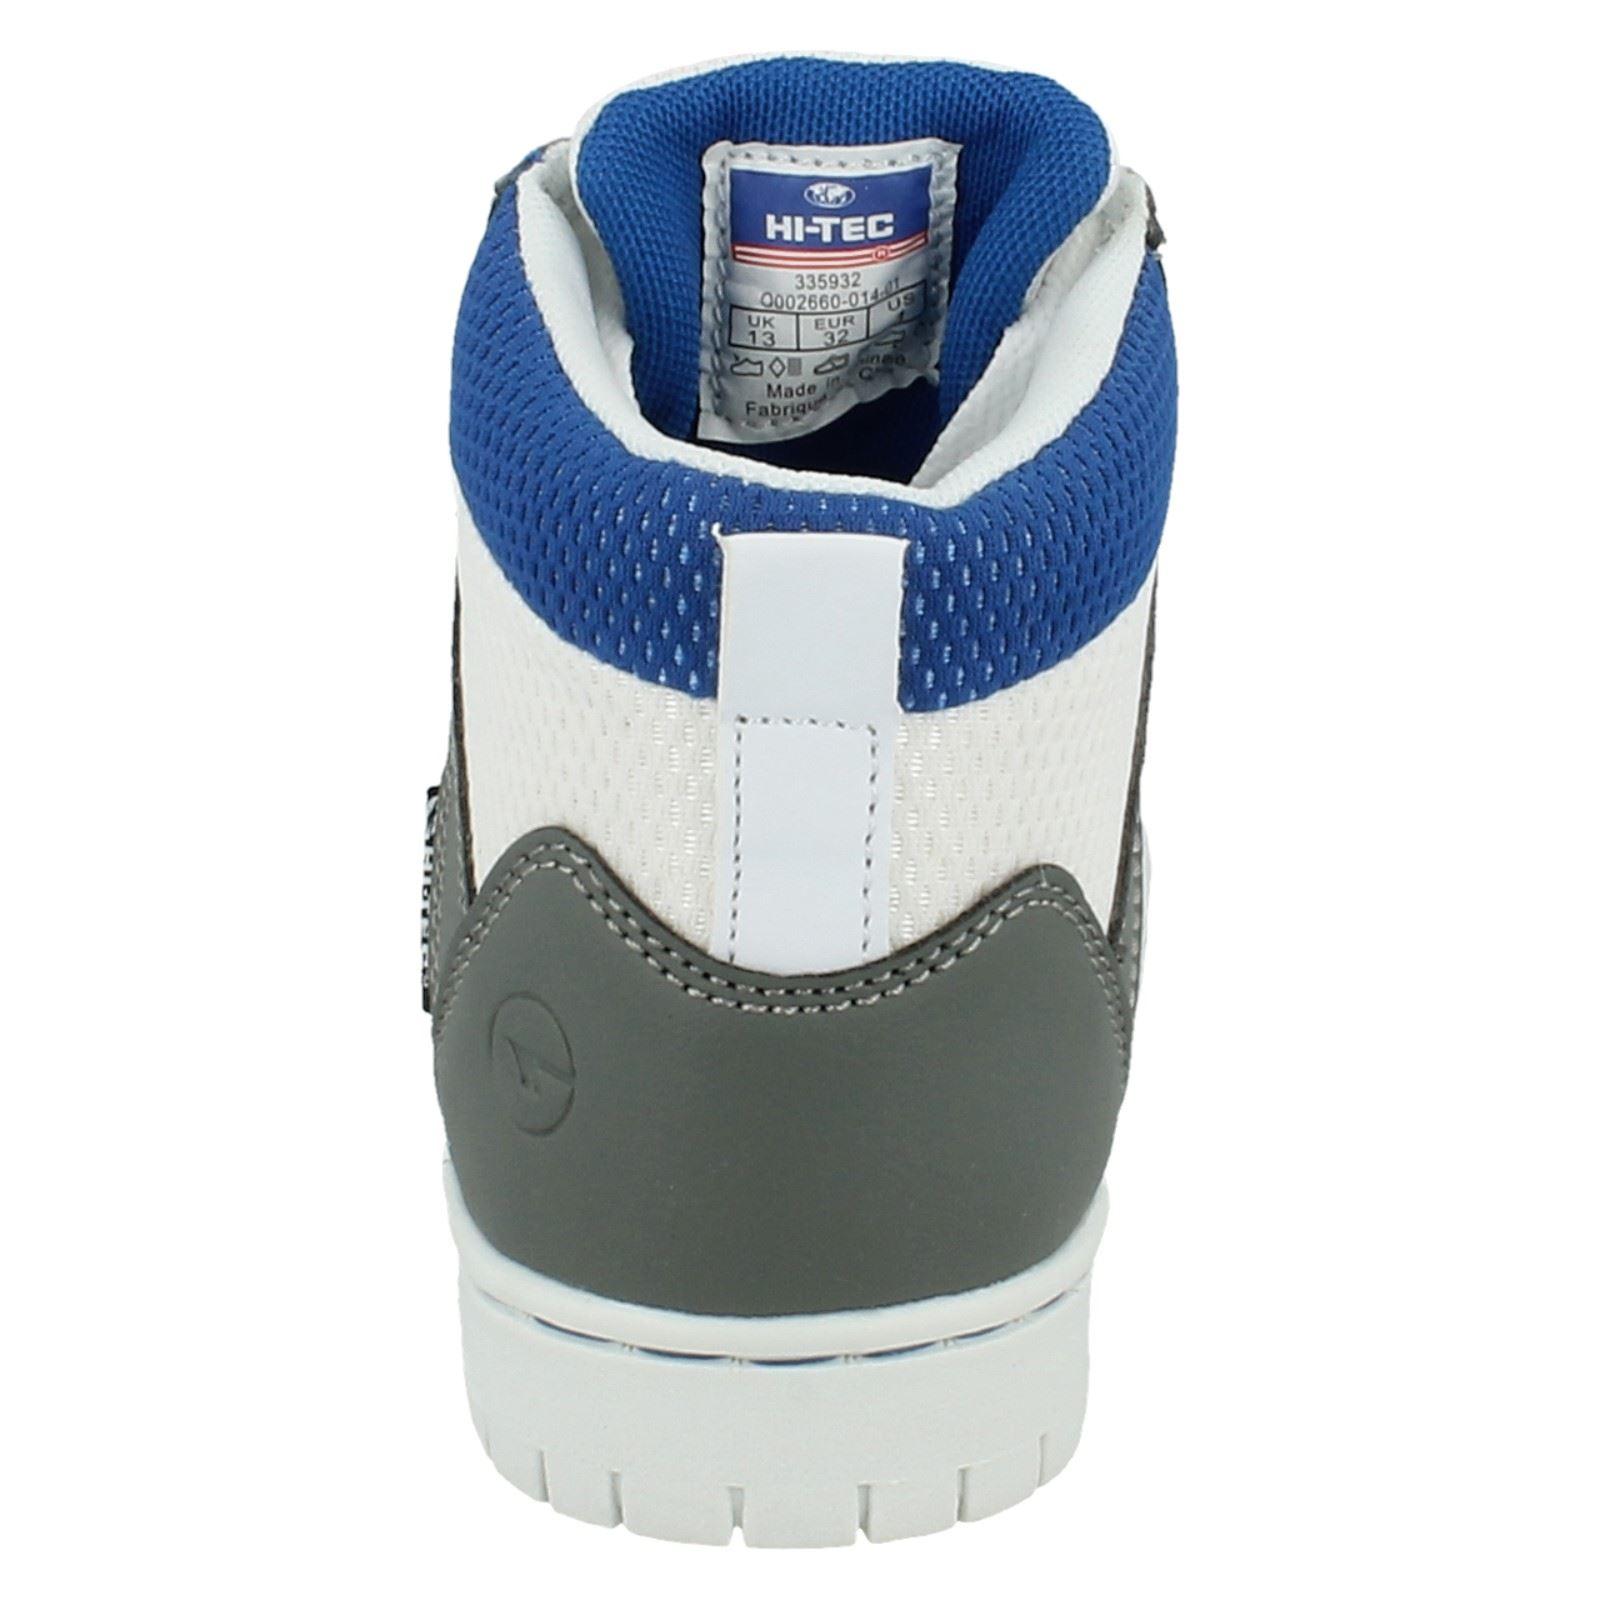 Juniors Hi-Tec Boots Label Jump JR